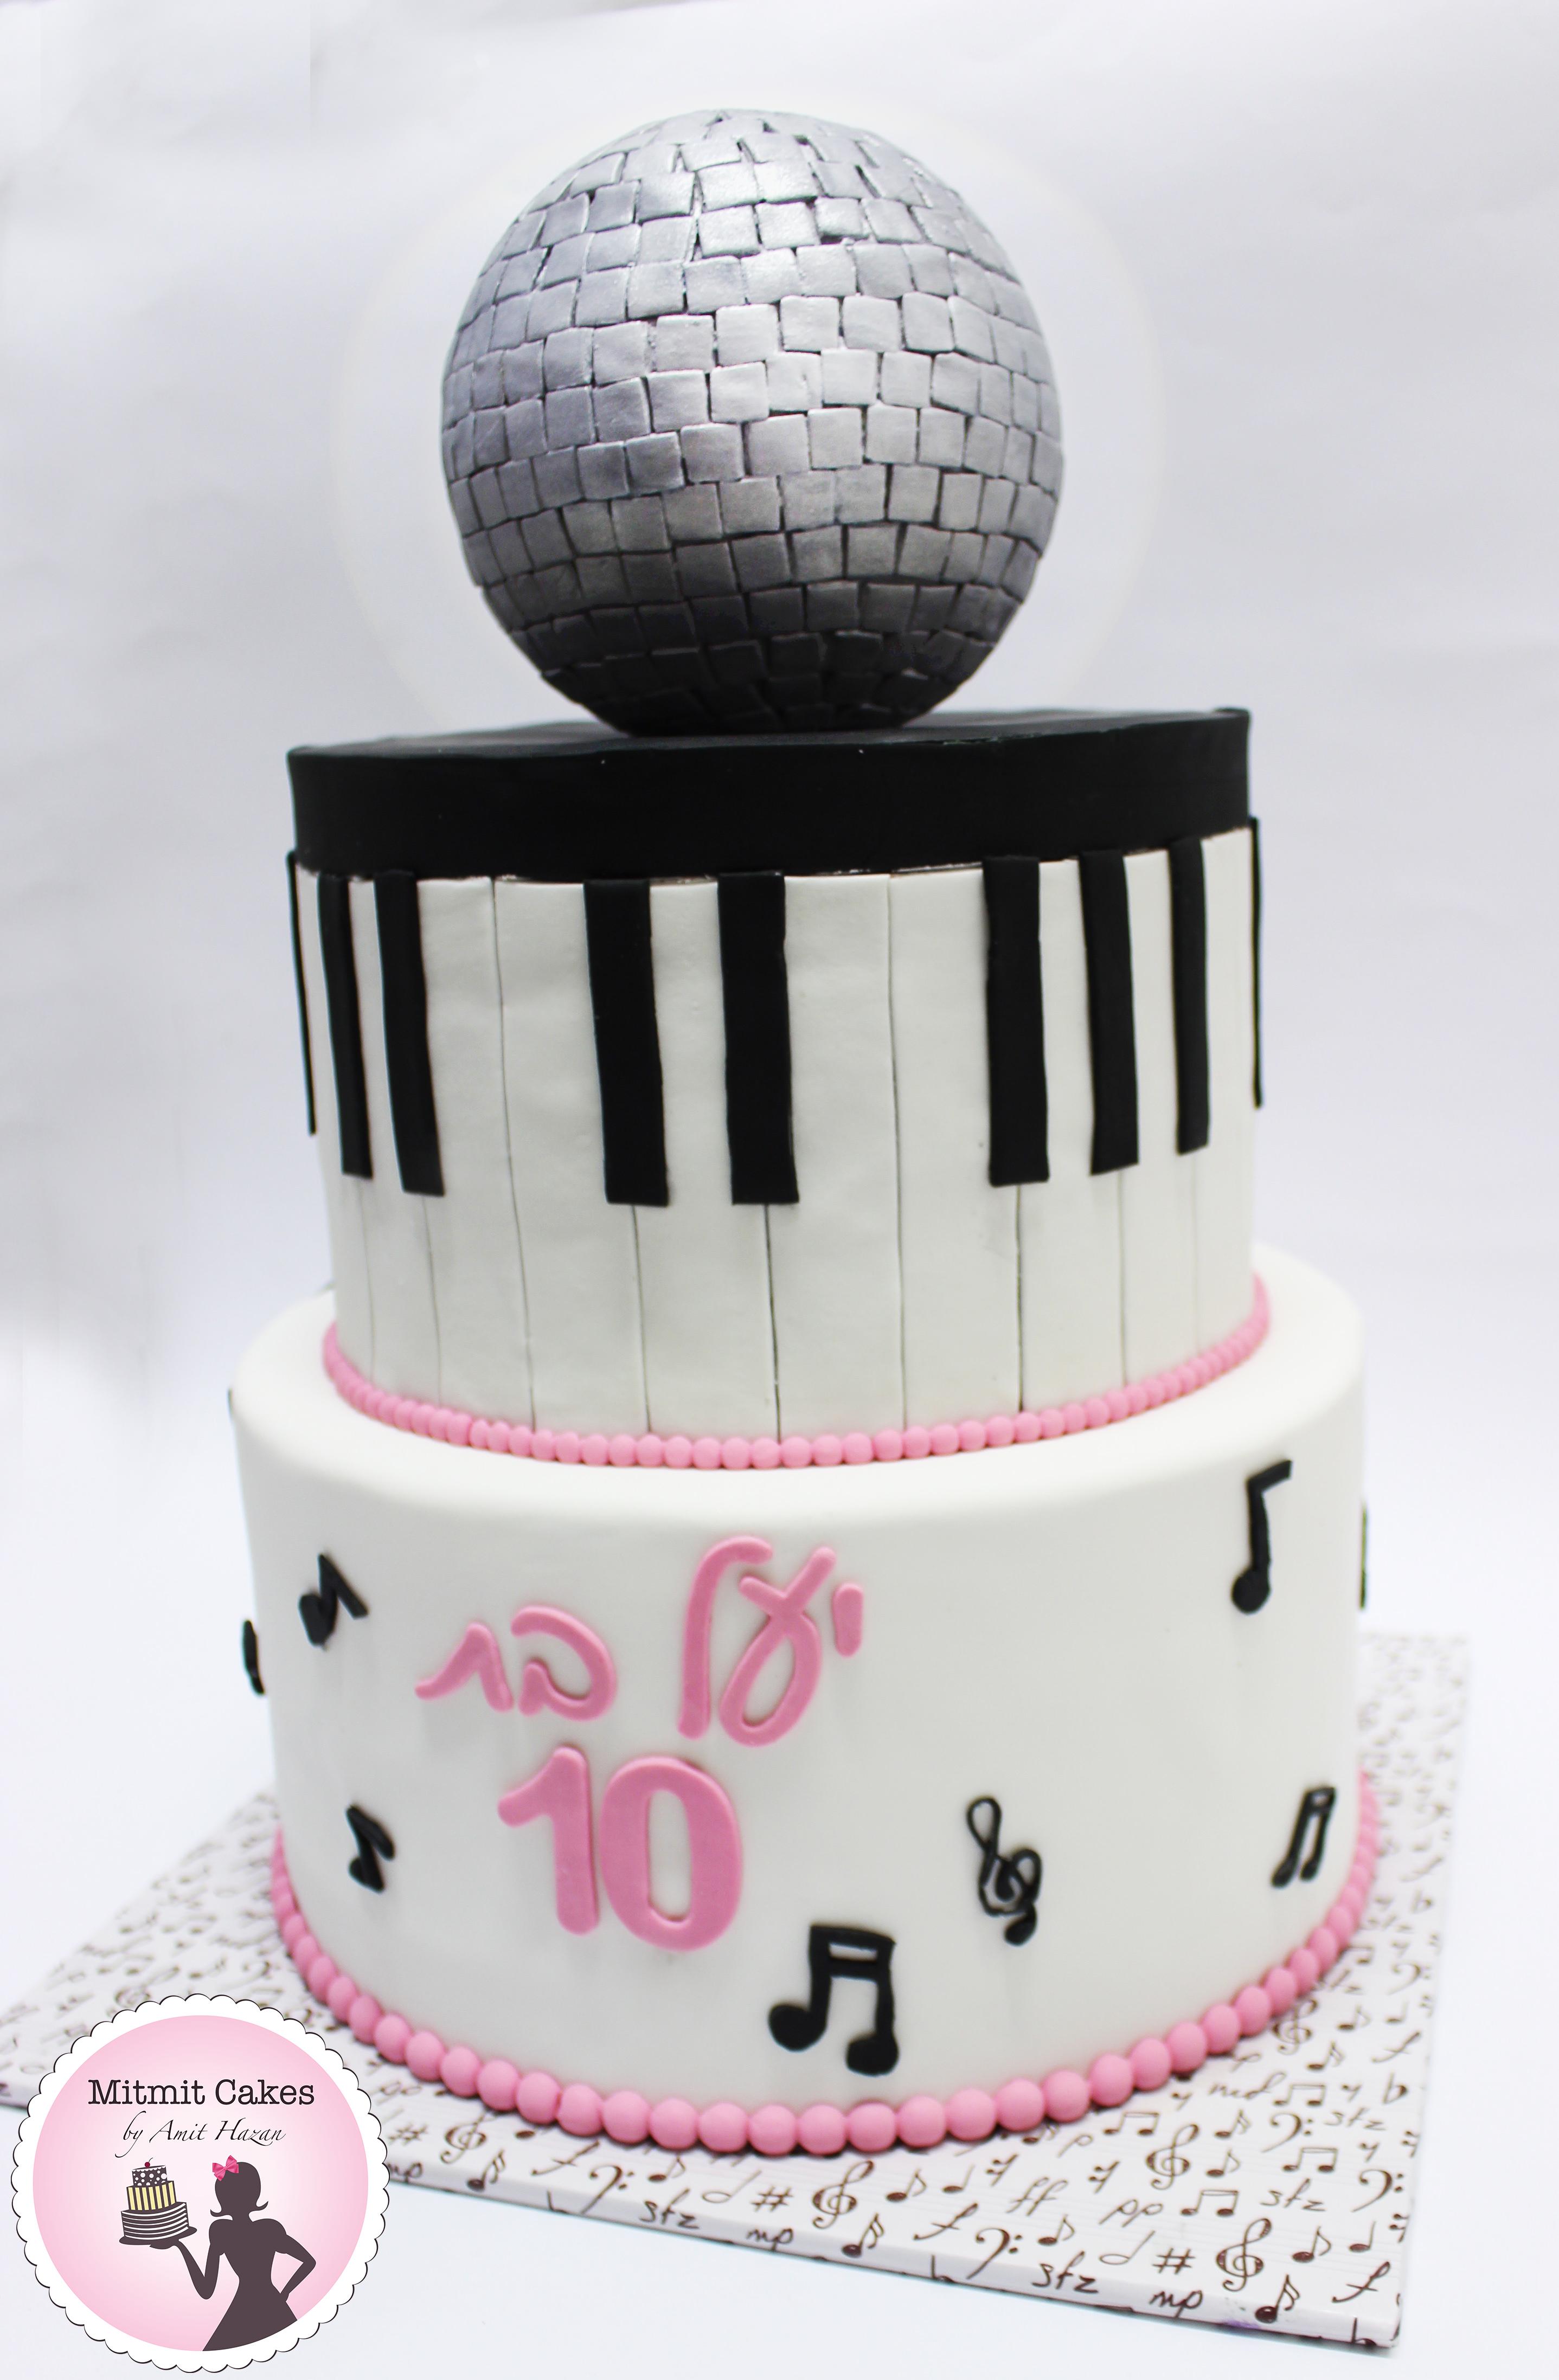 עוגת יום הולדת מסיבה